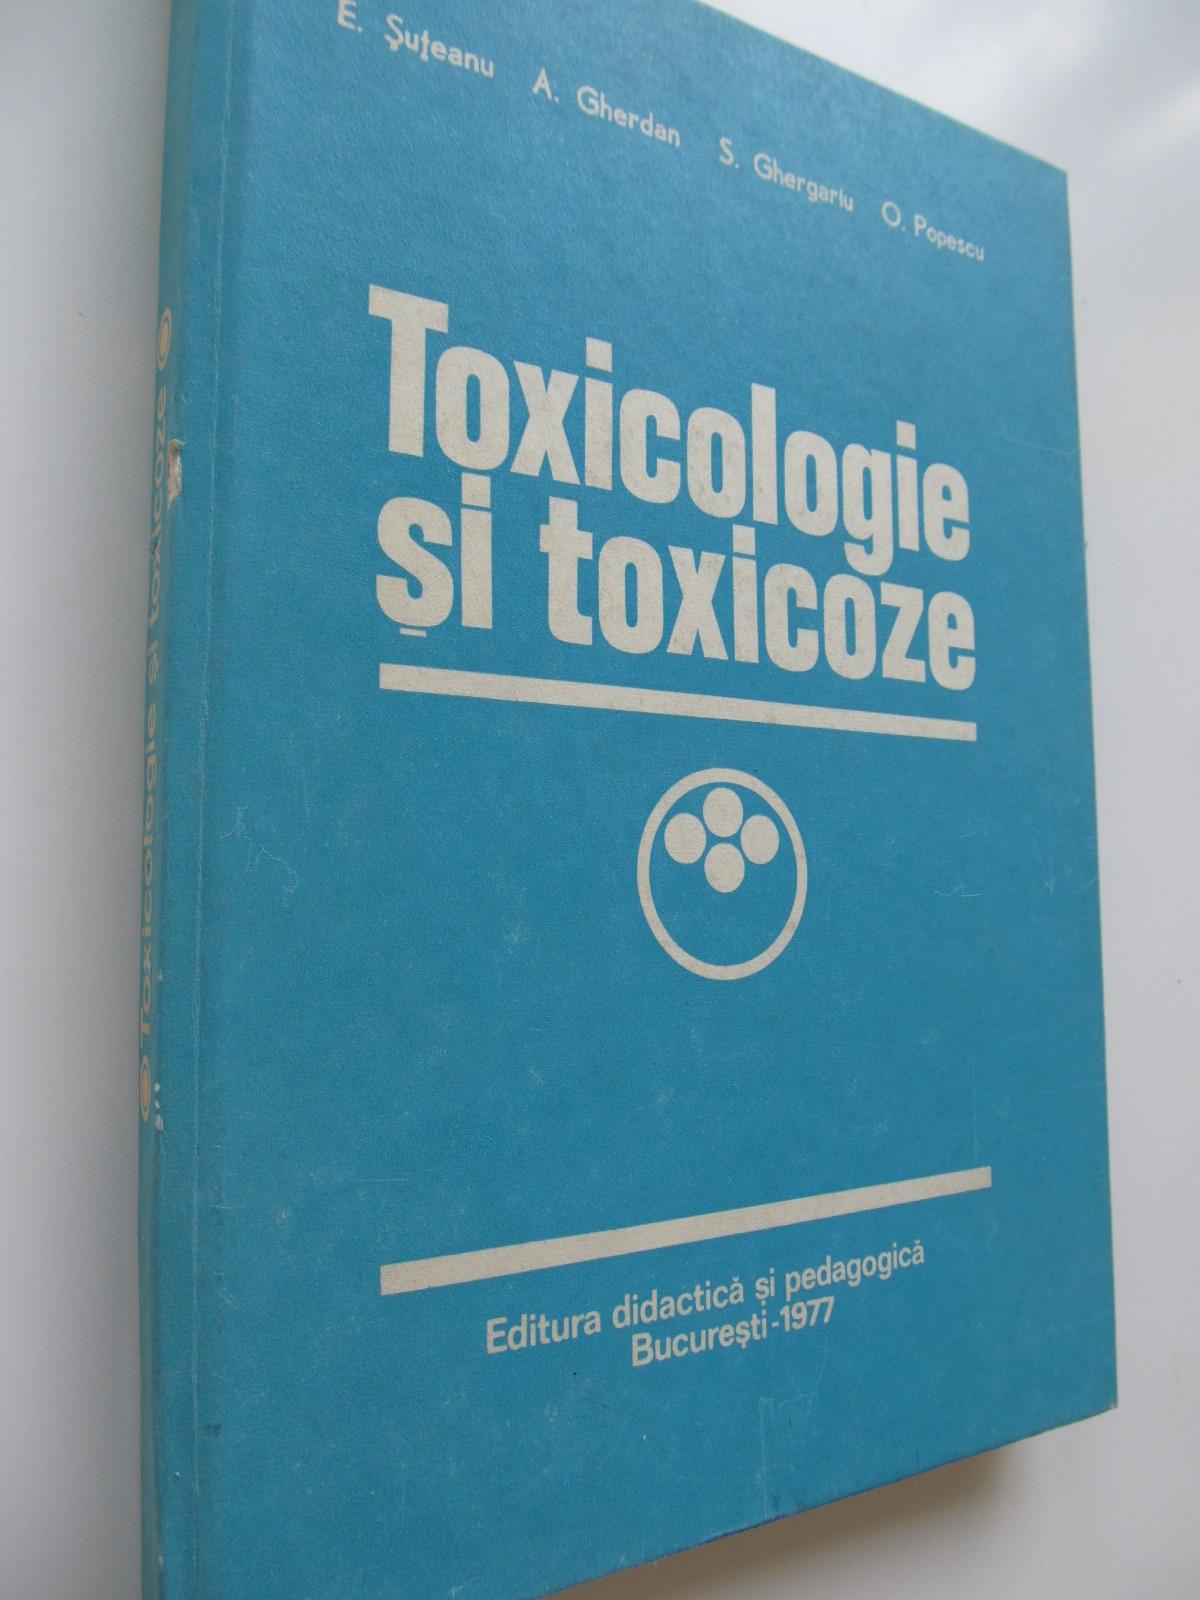 Carte Toxicologie si toxicoze - E. Suteanu , ...